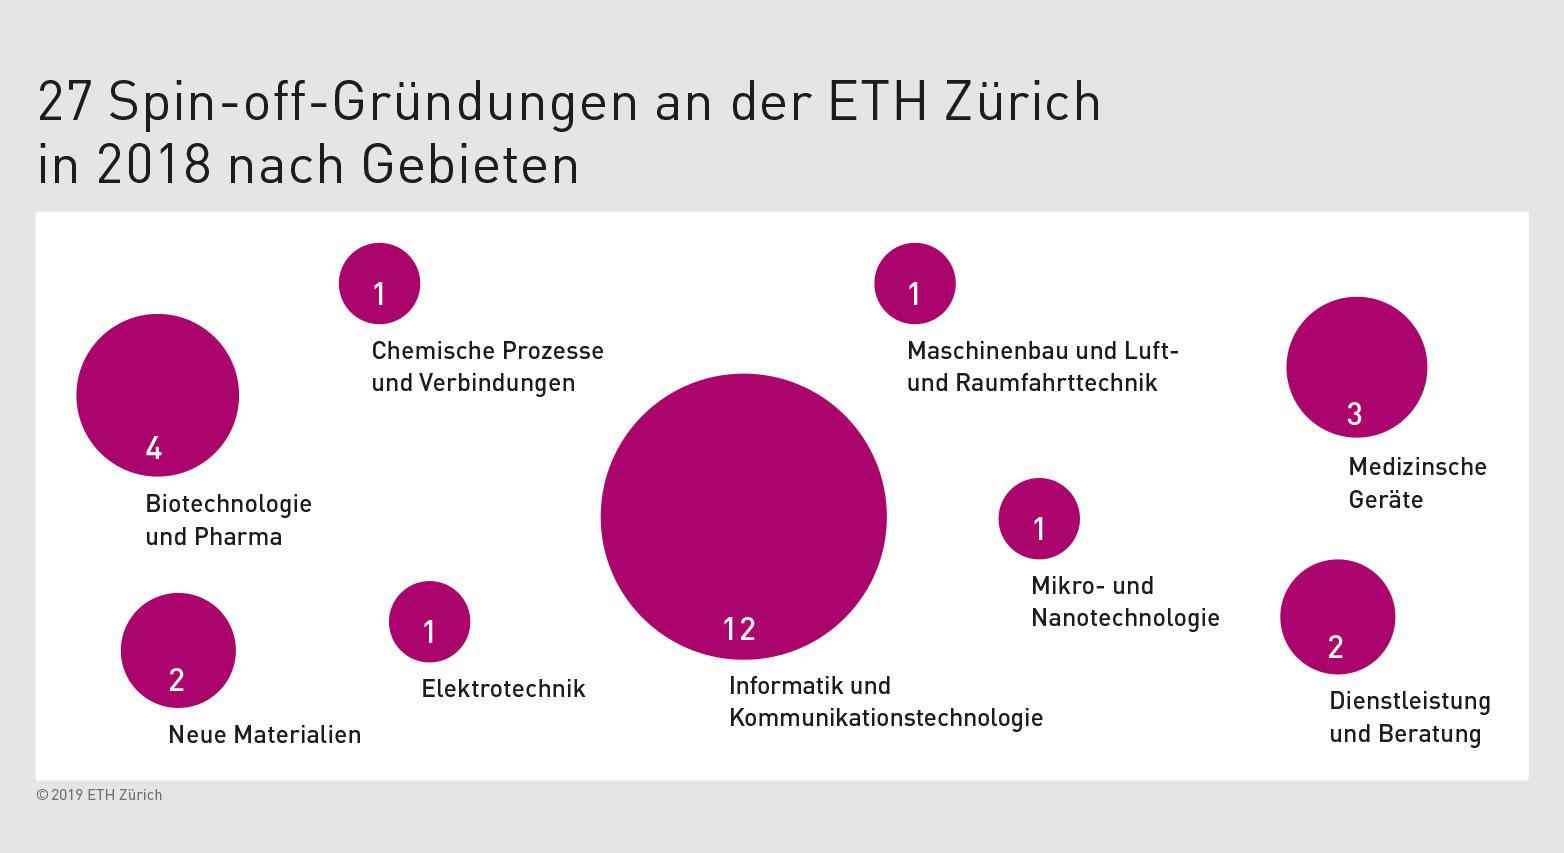 ETH-Spin-offs 2018 nach Fachgebieten (Grafik: ETH Zürich)